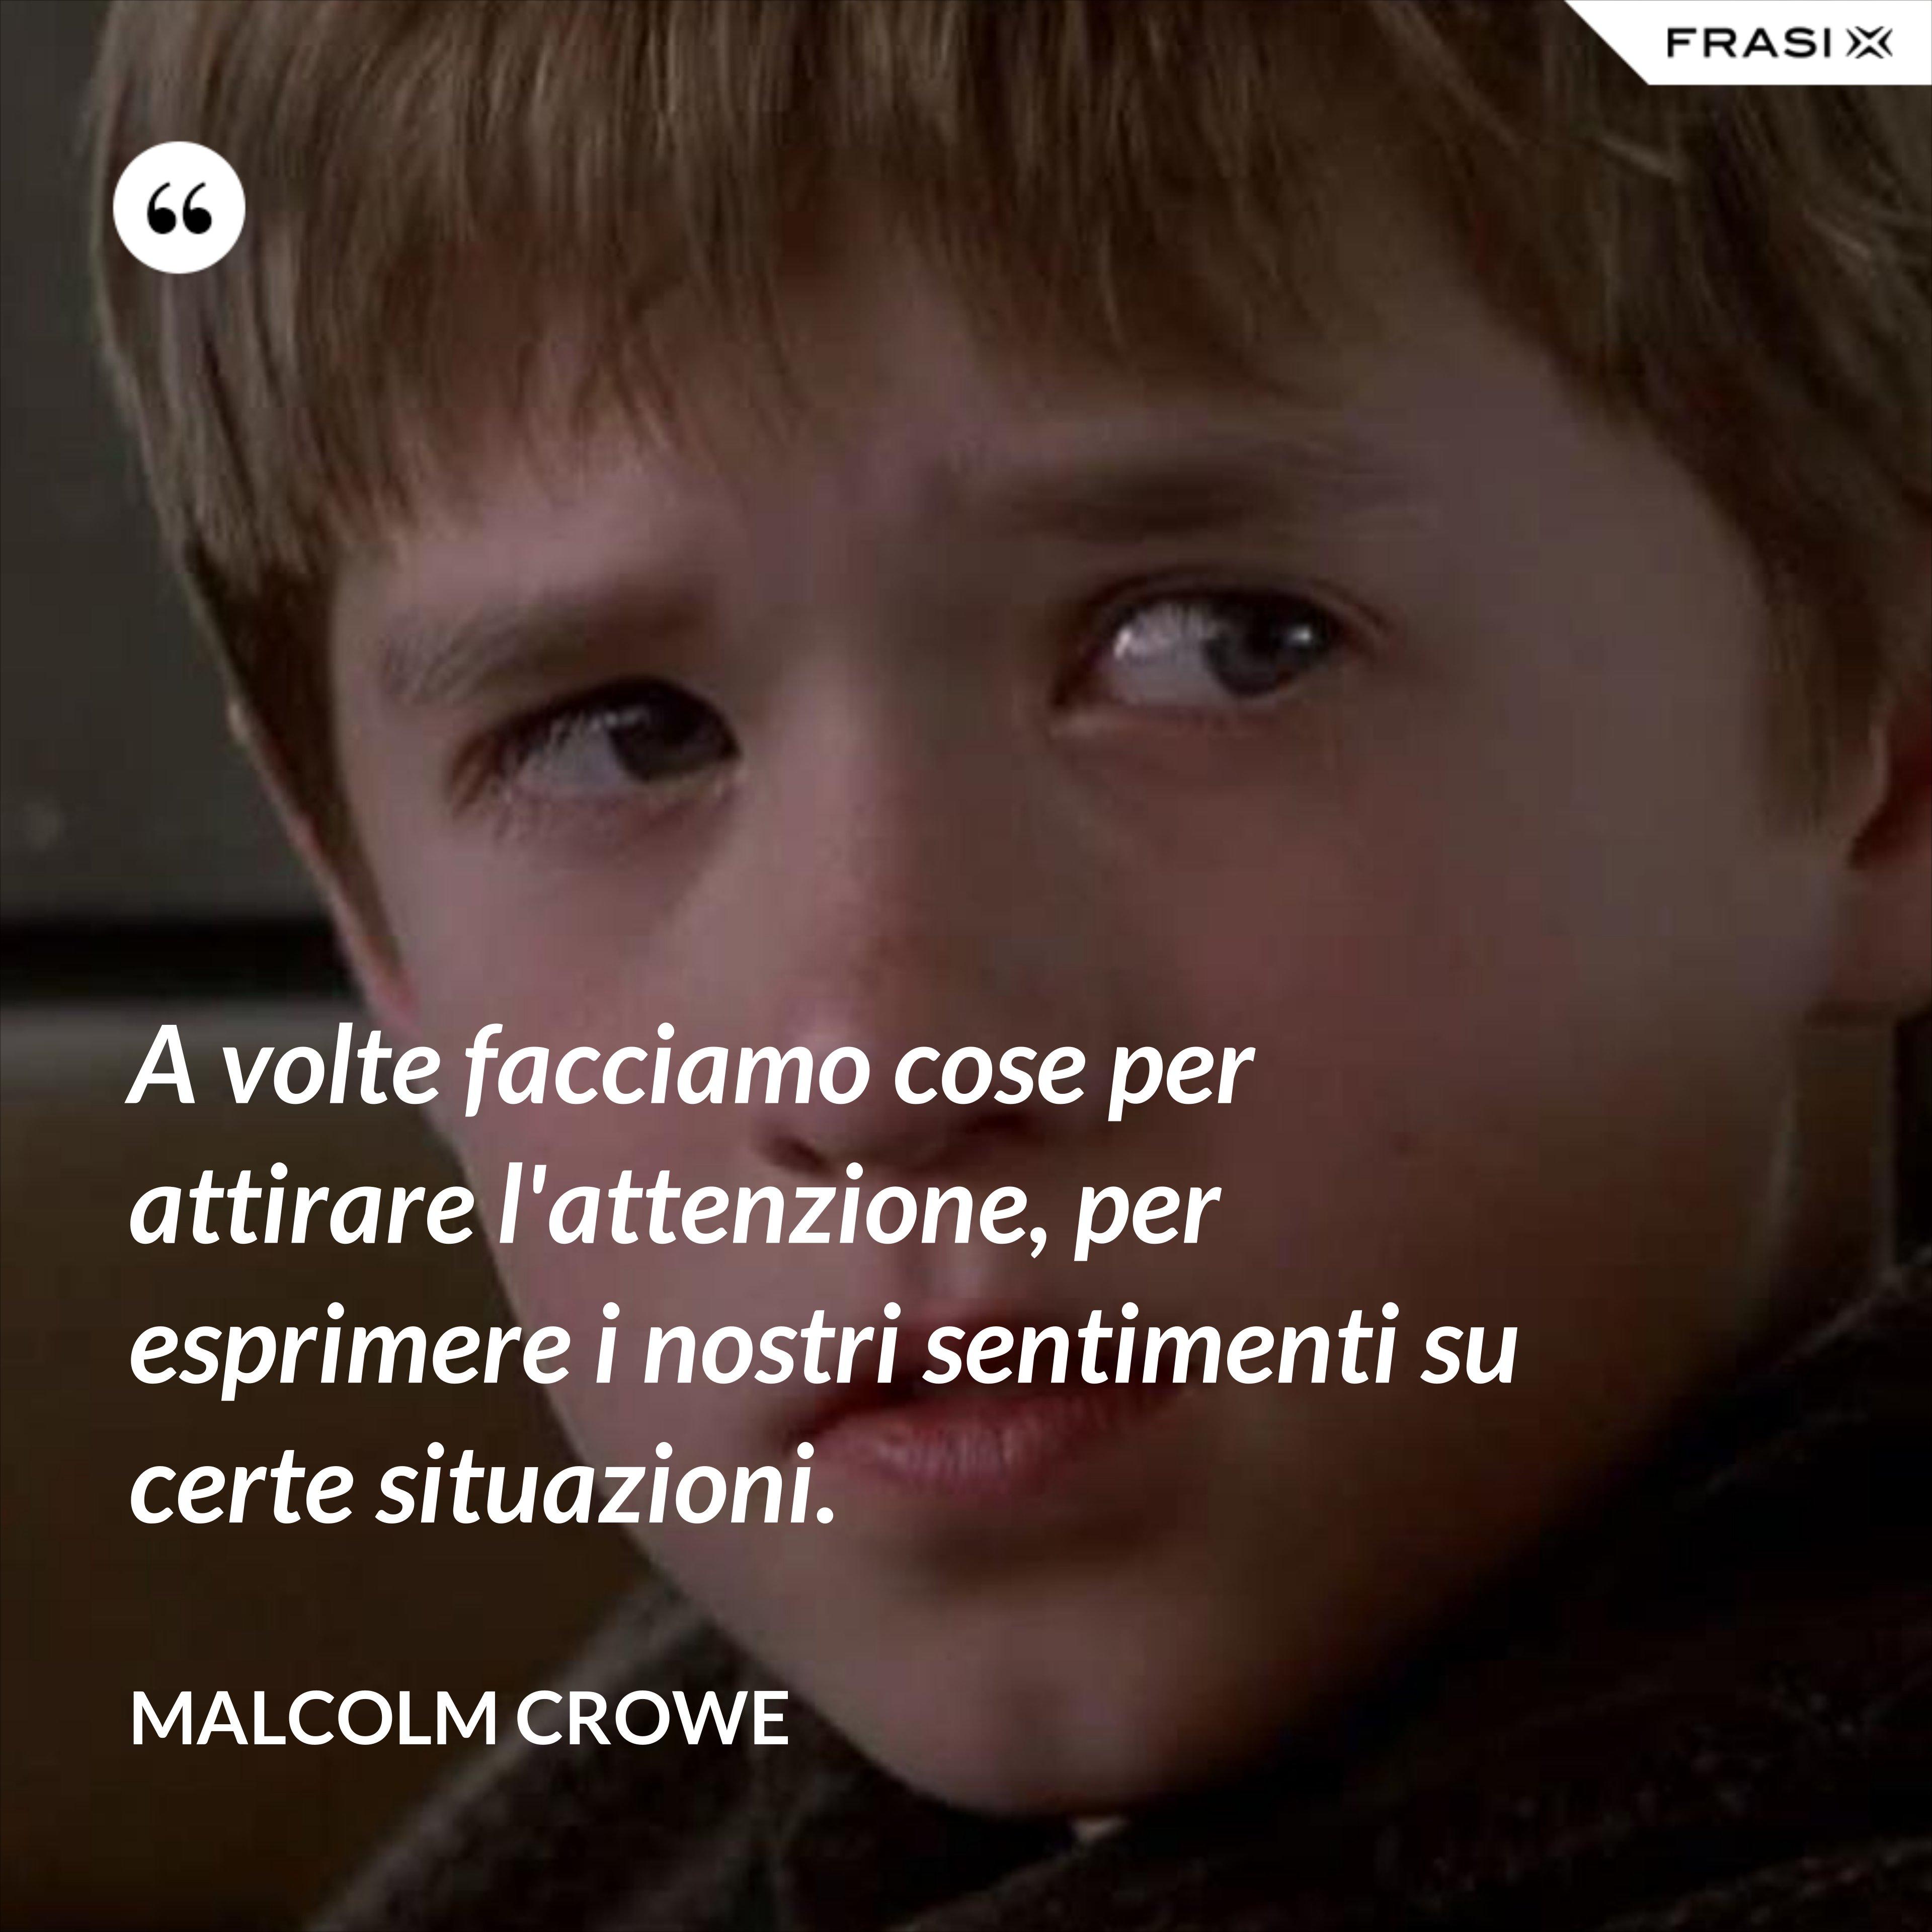 A volte facciamo cose per attirare l'attenzione, per esprimere i nostri sentimenti su certe situazioni. - Malcolm Crowe